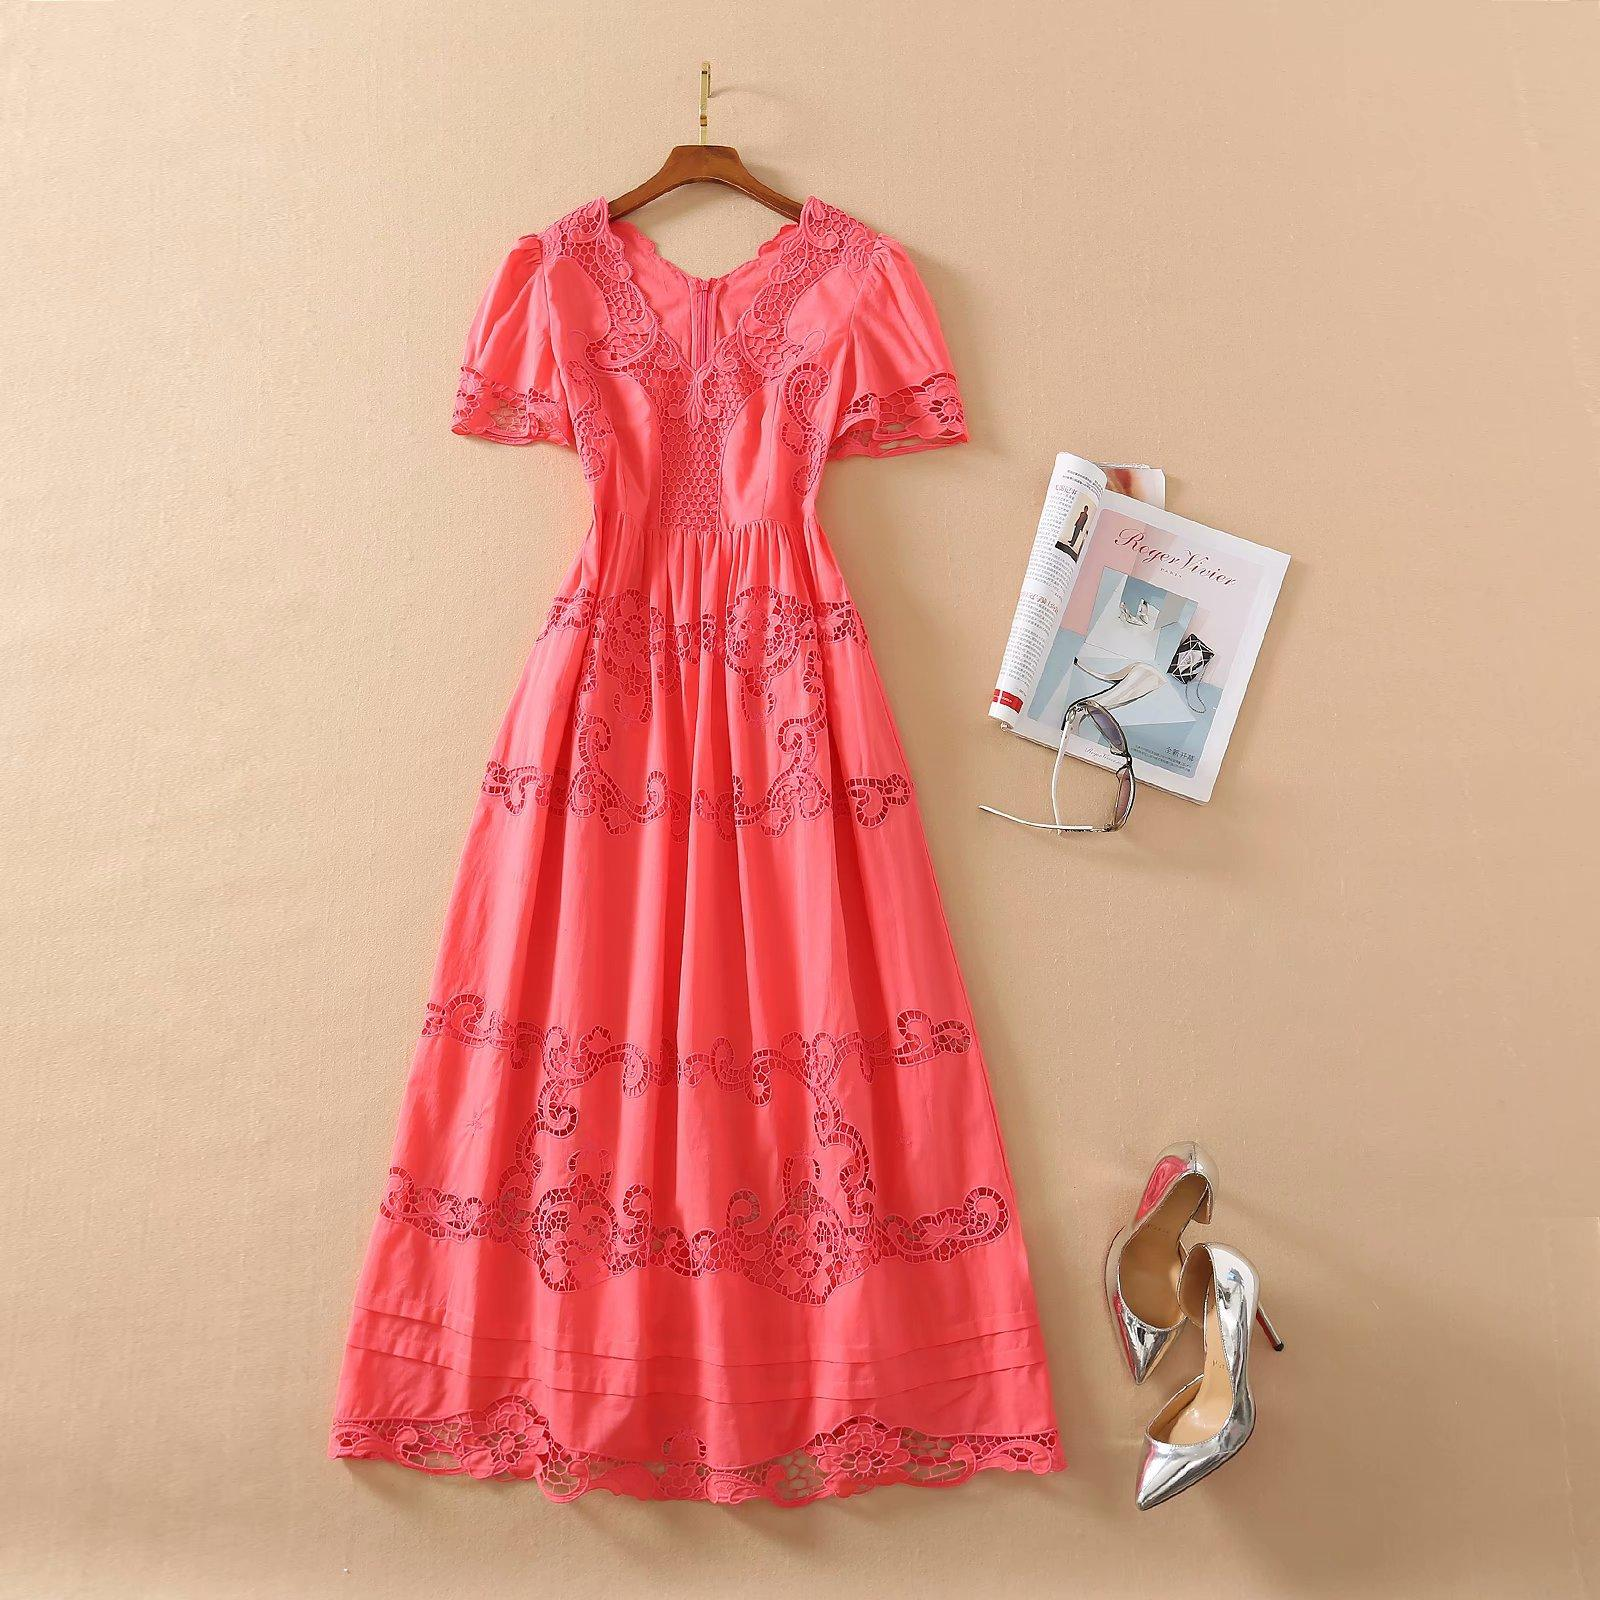 2021 Frühling Kurzarm V-Ausschnitt Aushöhlen Mailand Runway Dress Designer Kleid Marke Gleiche Stil Kleid 12.705